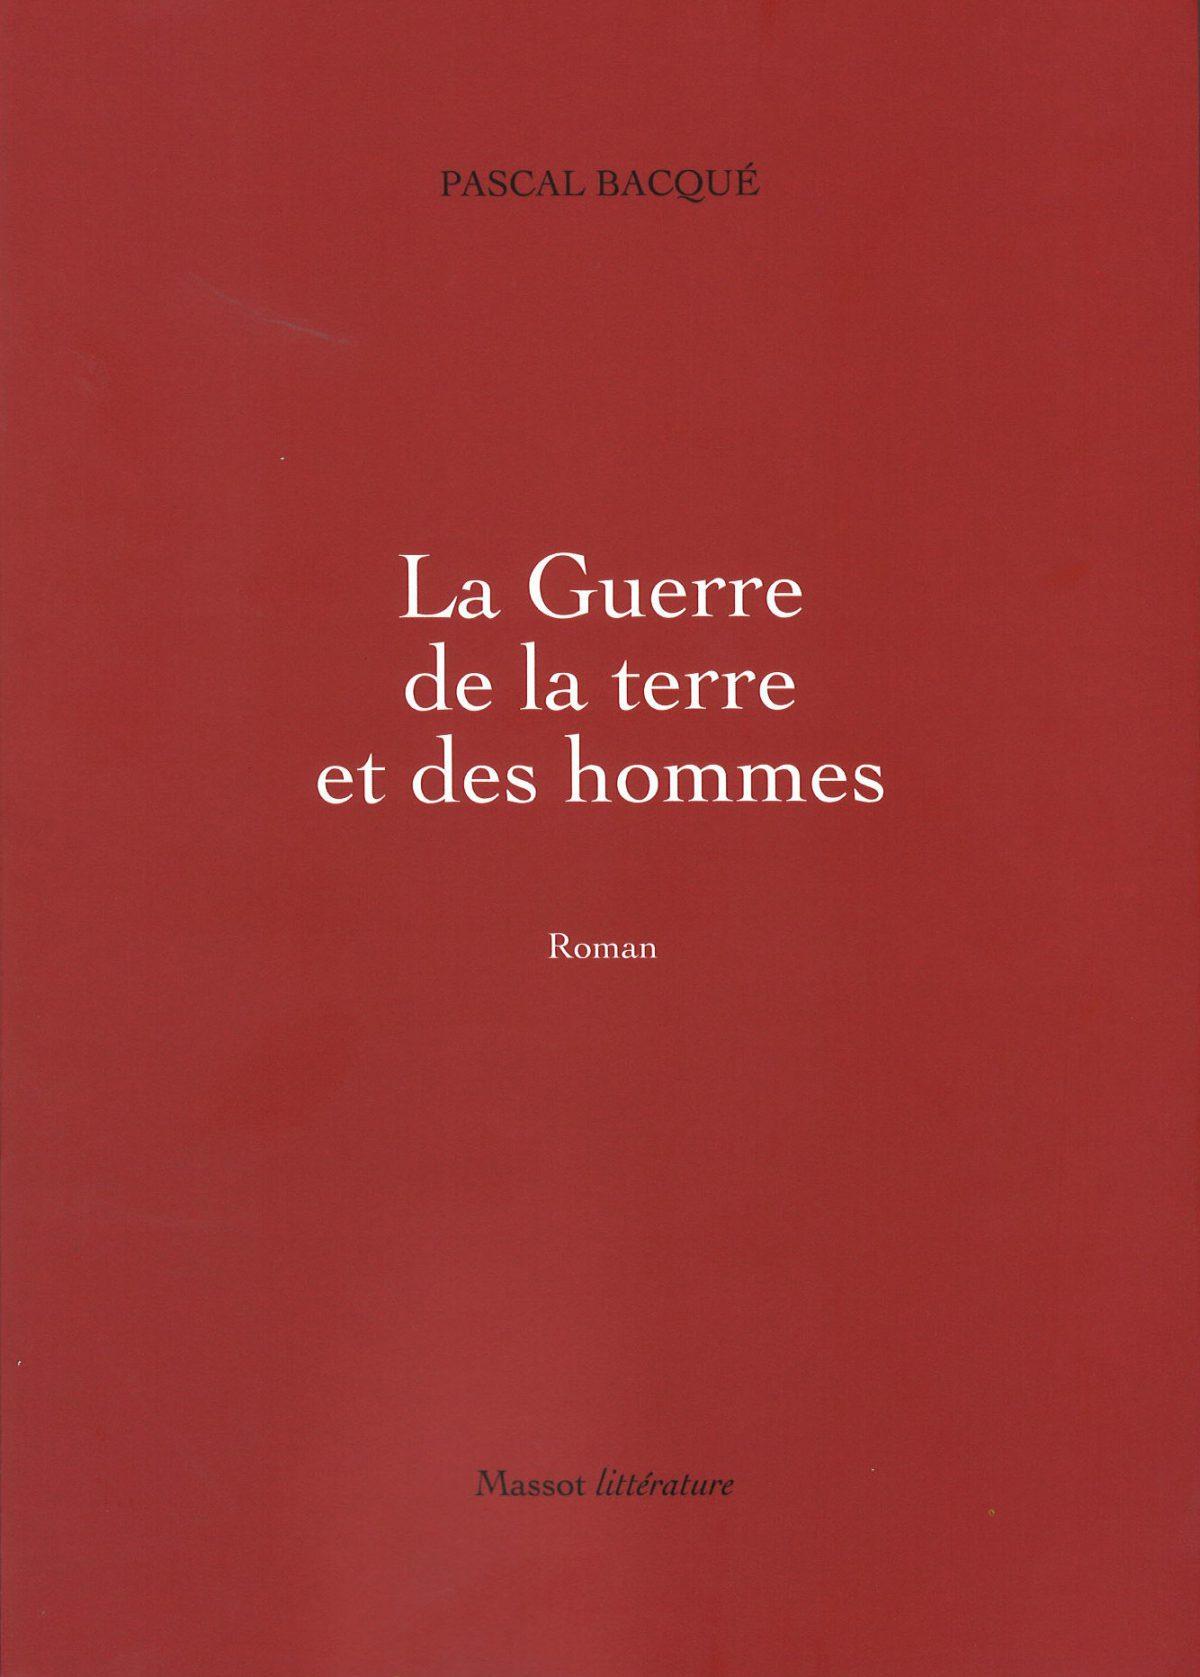 La Guerre de la terre et des hommes, Pascal Bacqué.